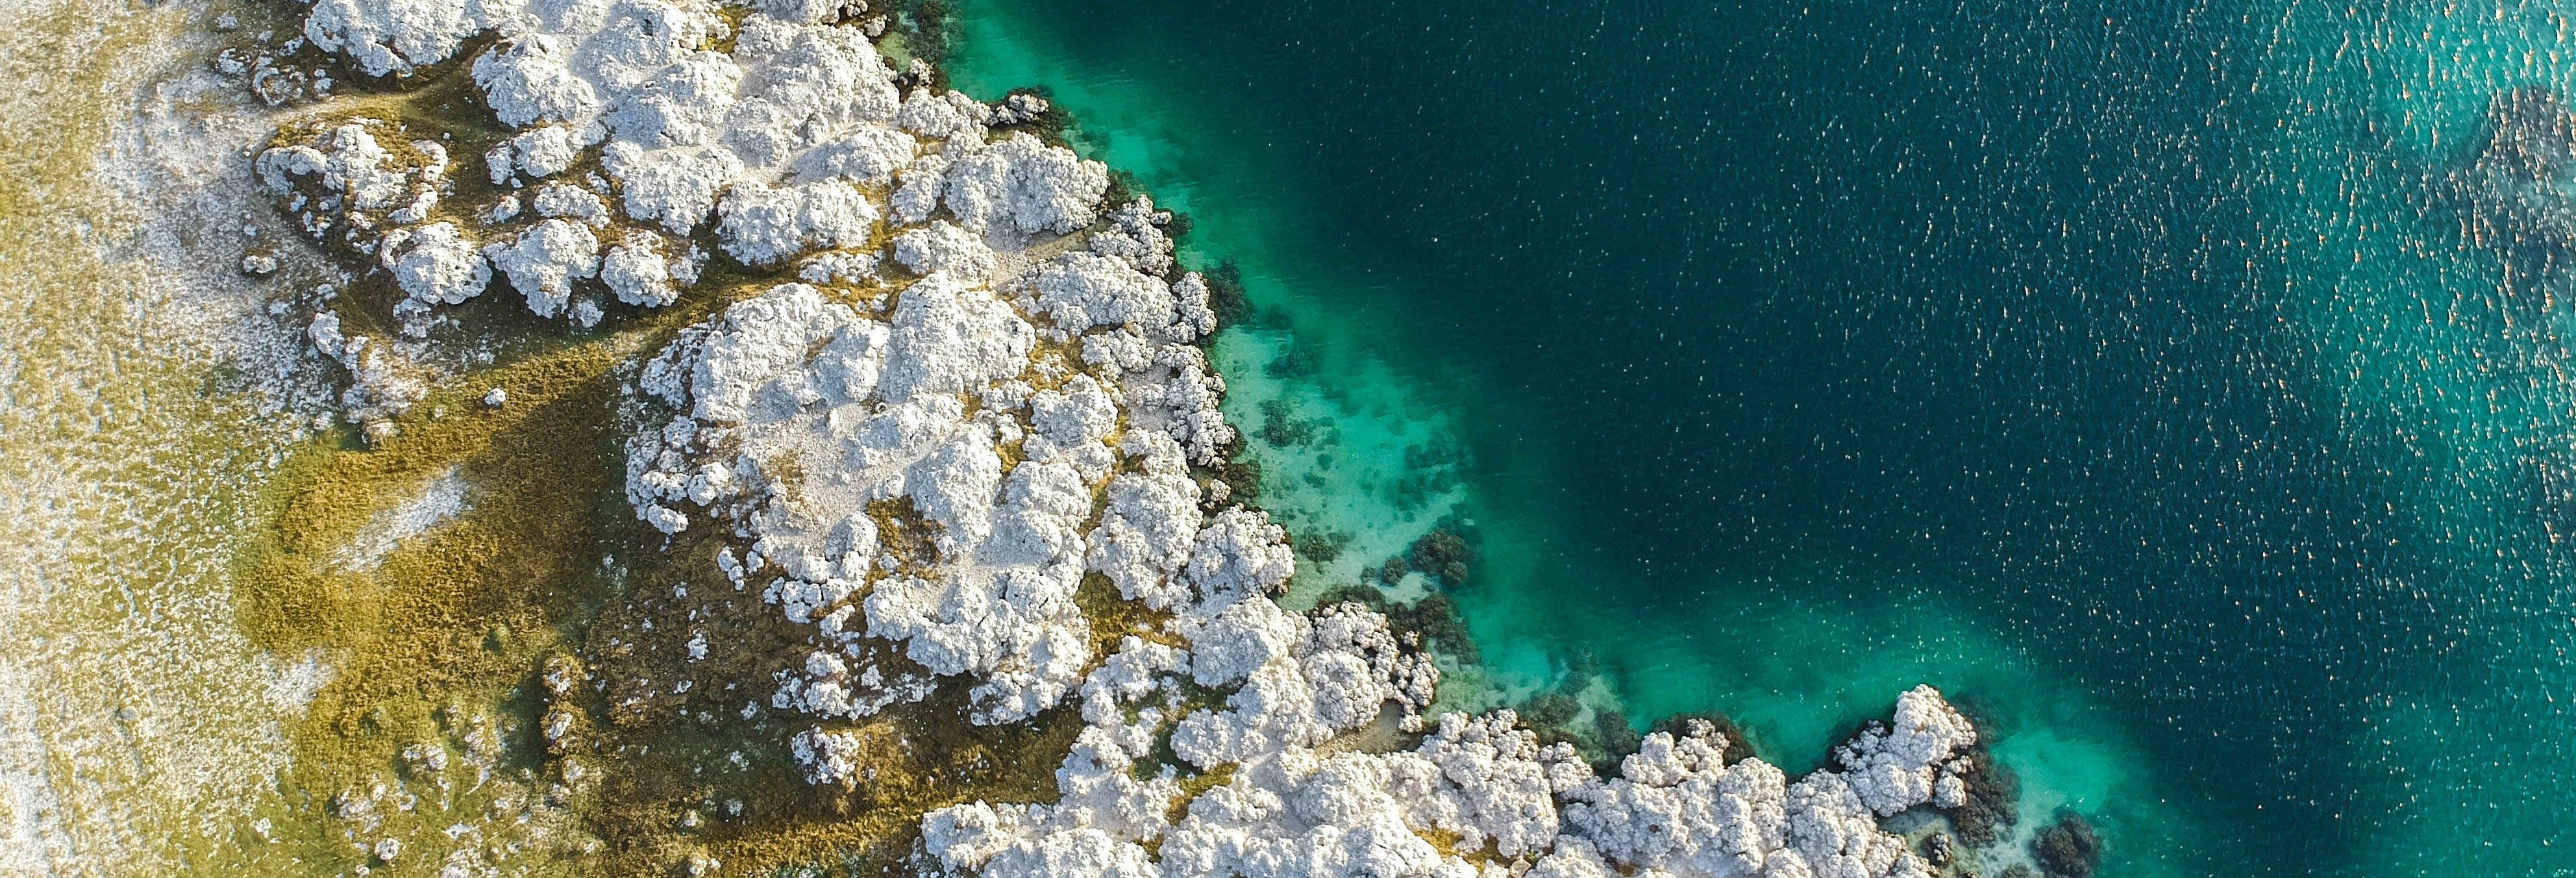 Excursión privada a Cantona y laguna Alchichica